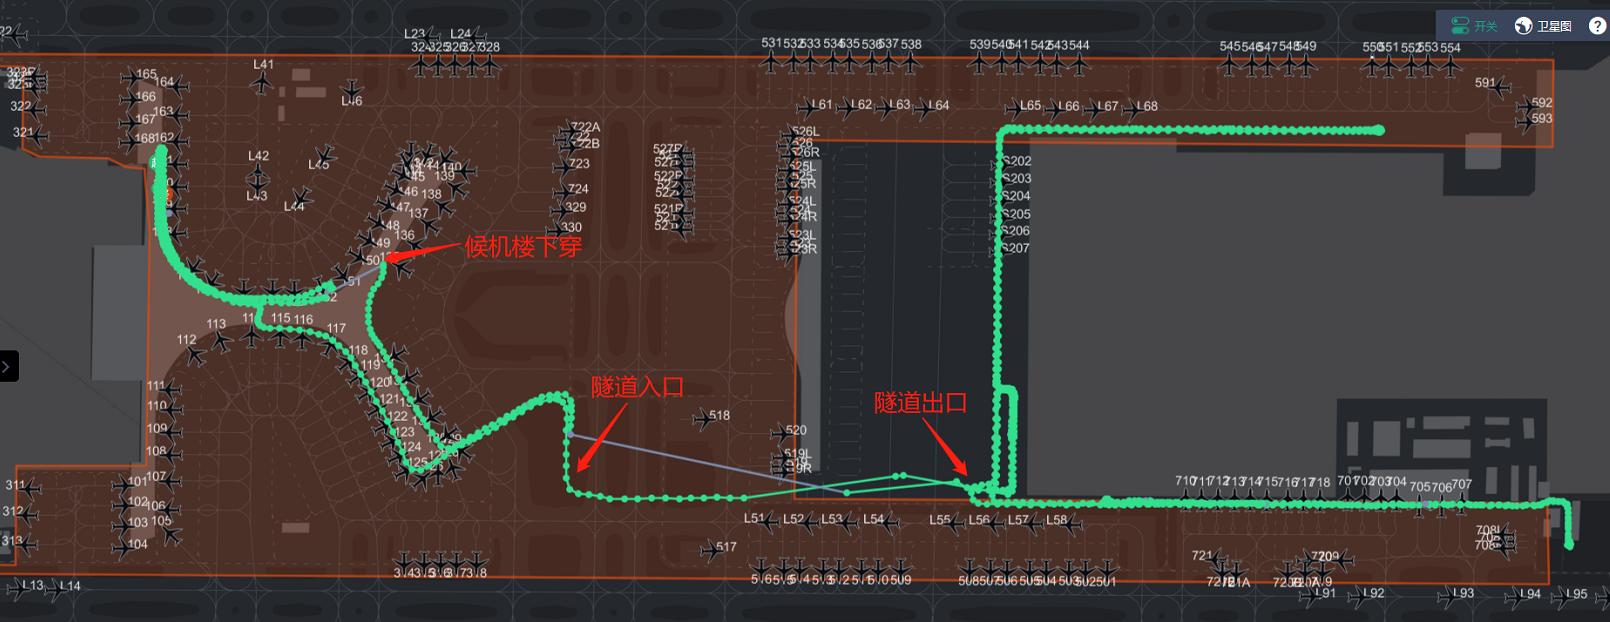 誤差≤1米**北斗定位器廠家深圳磐一安視**